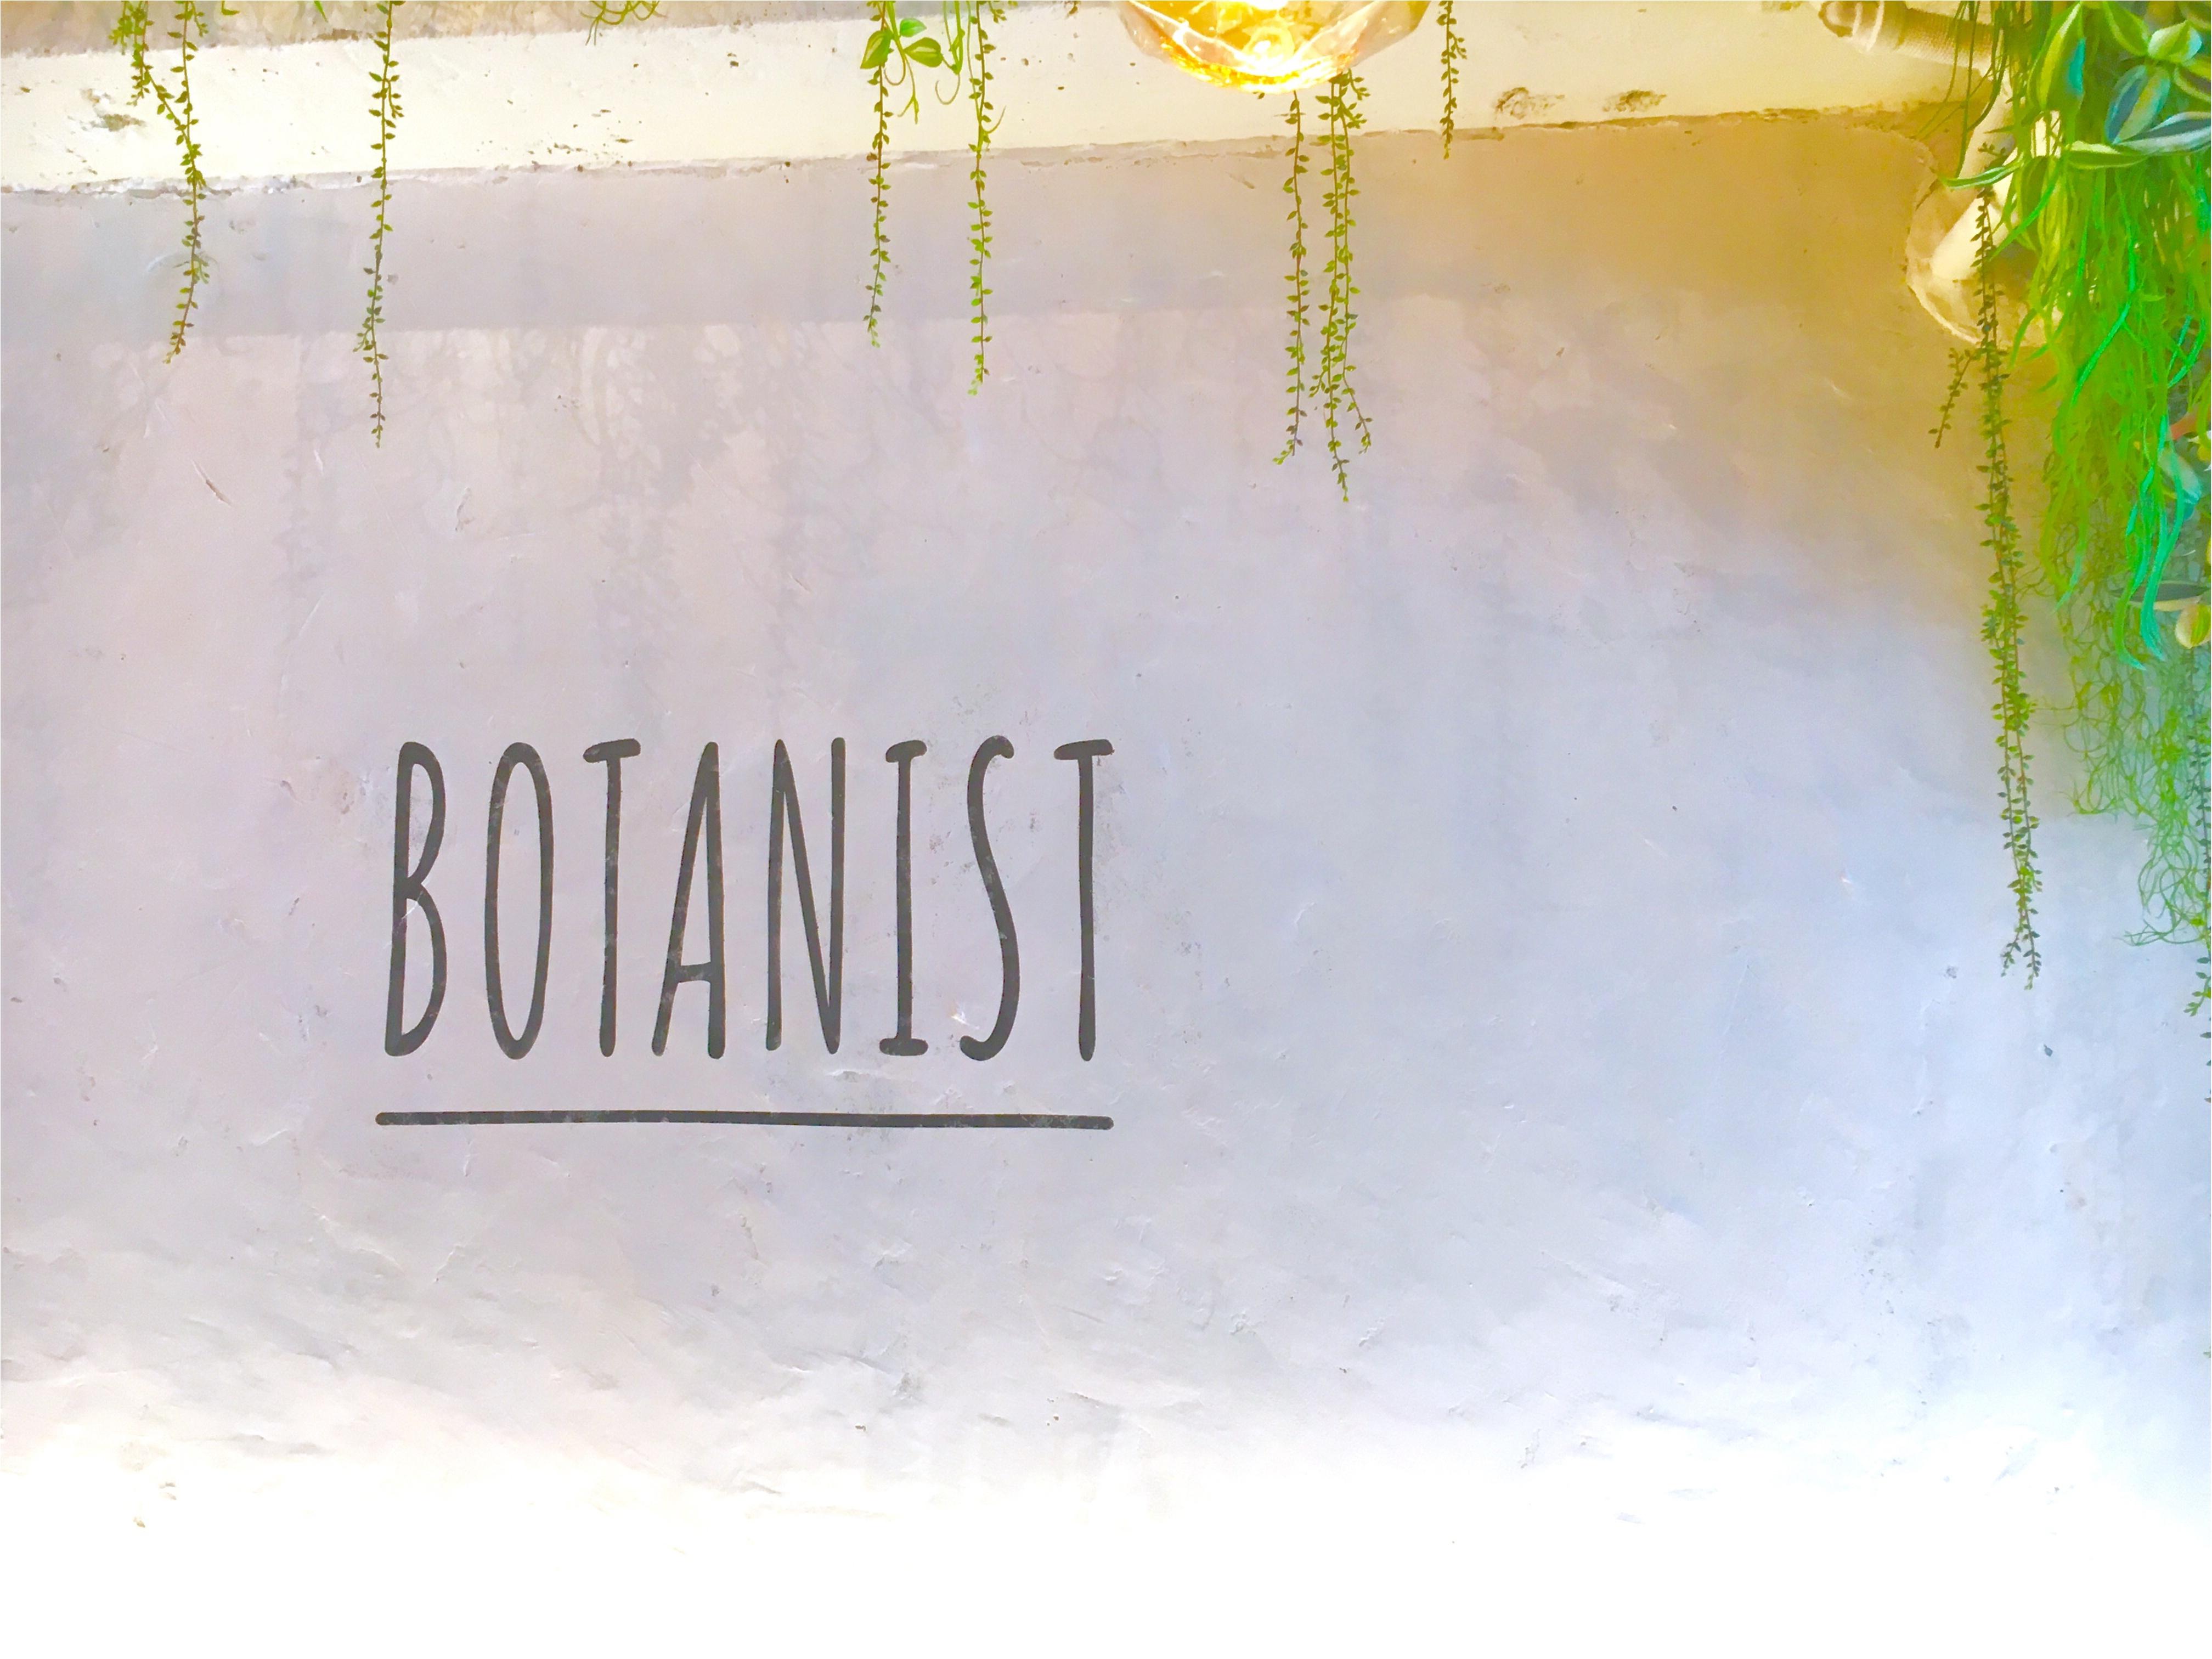 ついに明日オープン!初のフラッグシップショップ【BOTANIST Tokyo】を一足お先にチェックしてきました❤️_2